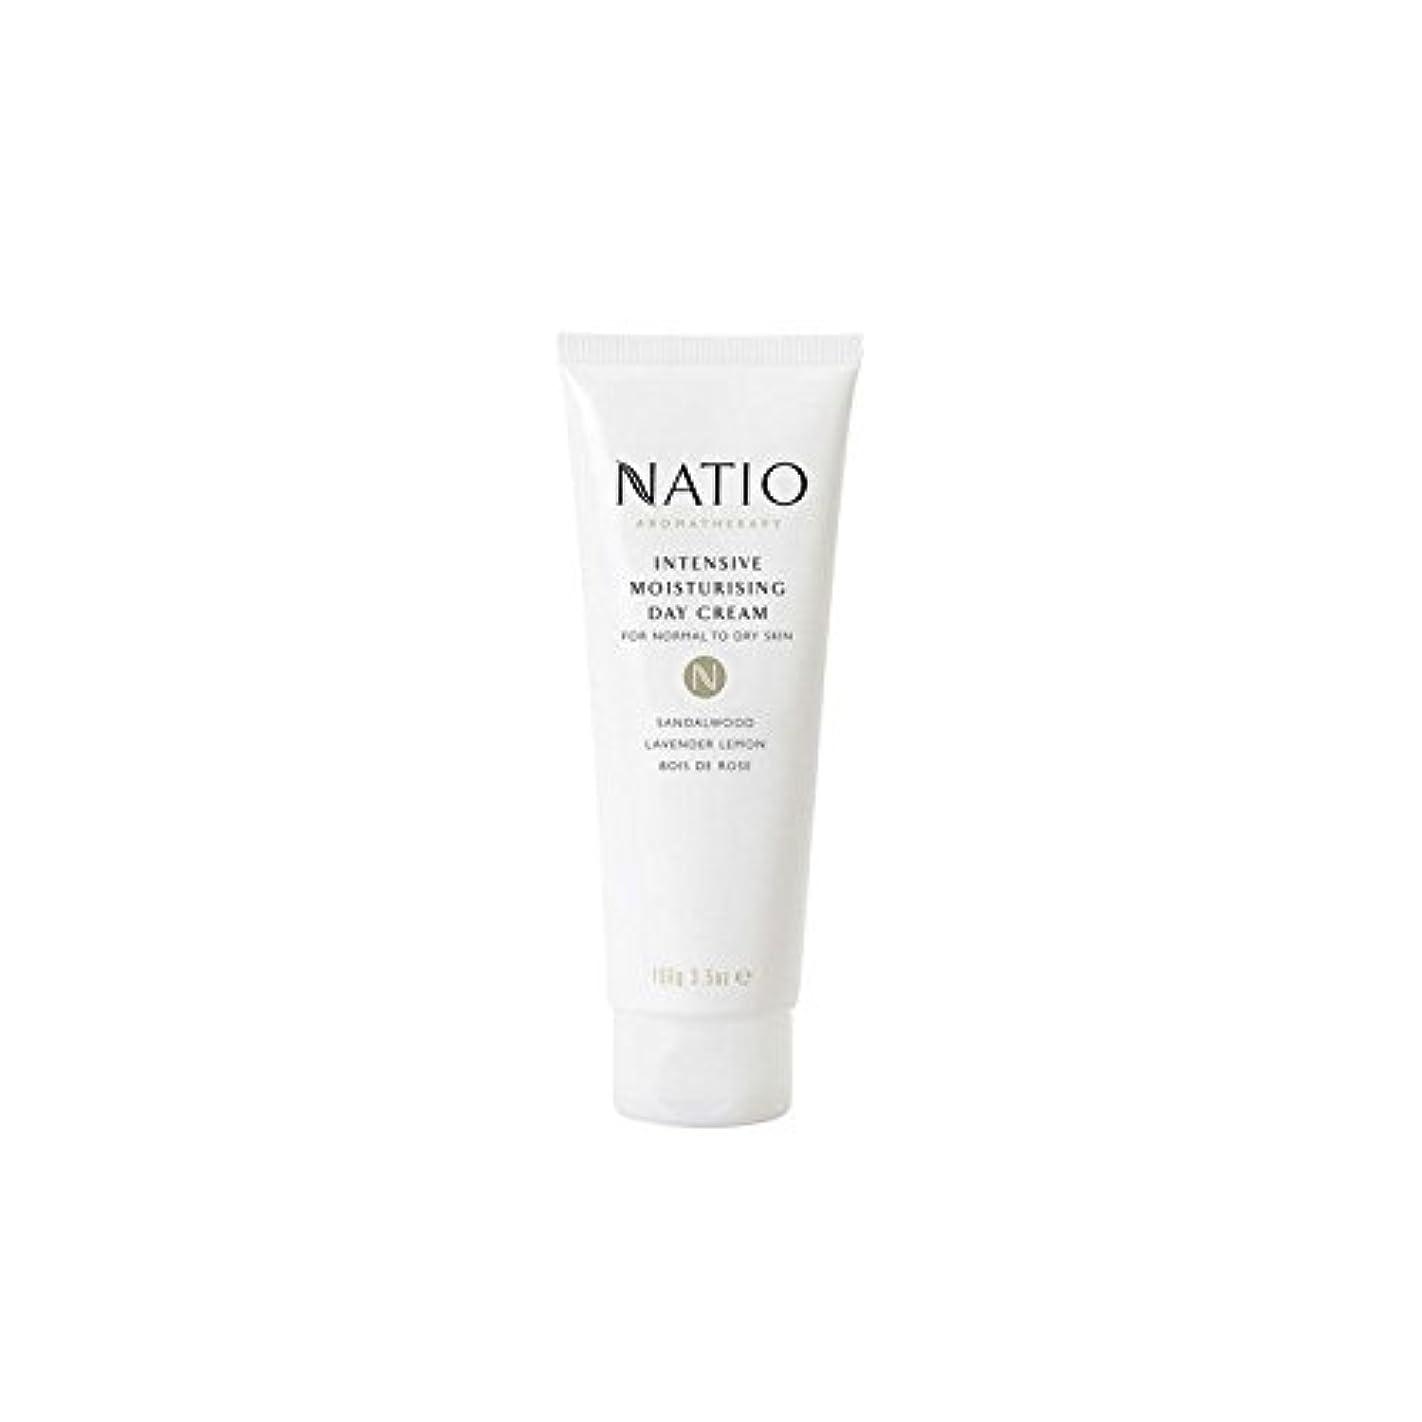 パーツ展示会声を出して集中的な保湿デイクリーム(100グラム) x4 - Natio Intensive Moisturising Day Cream (100G) (Pack of 4) [並行輸入品]